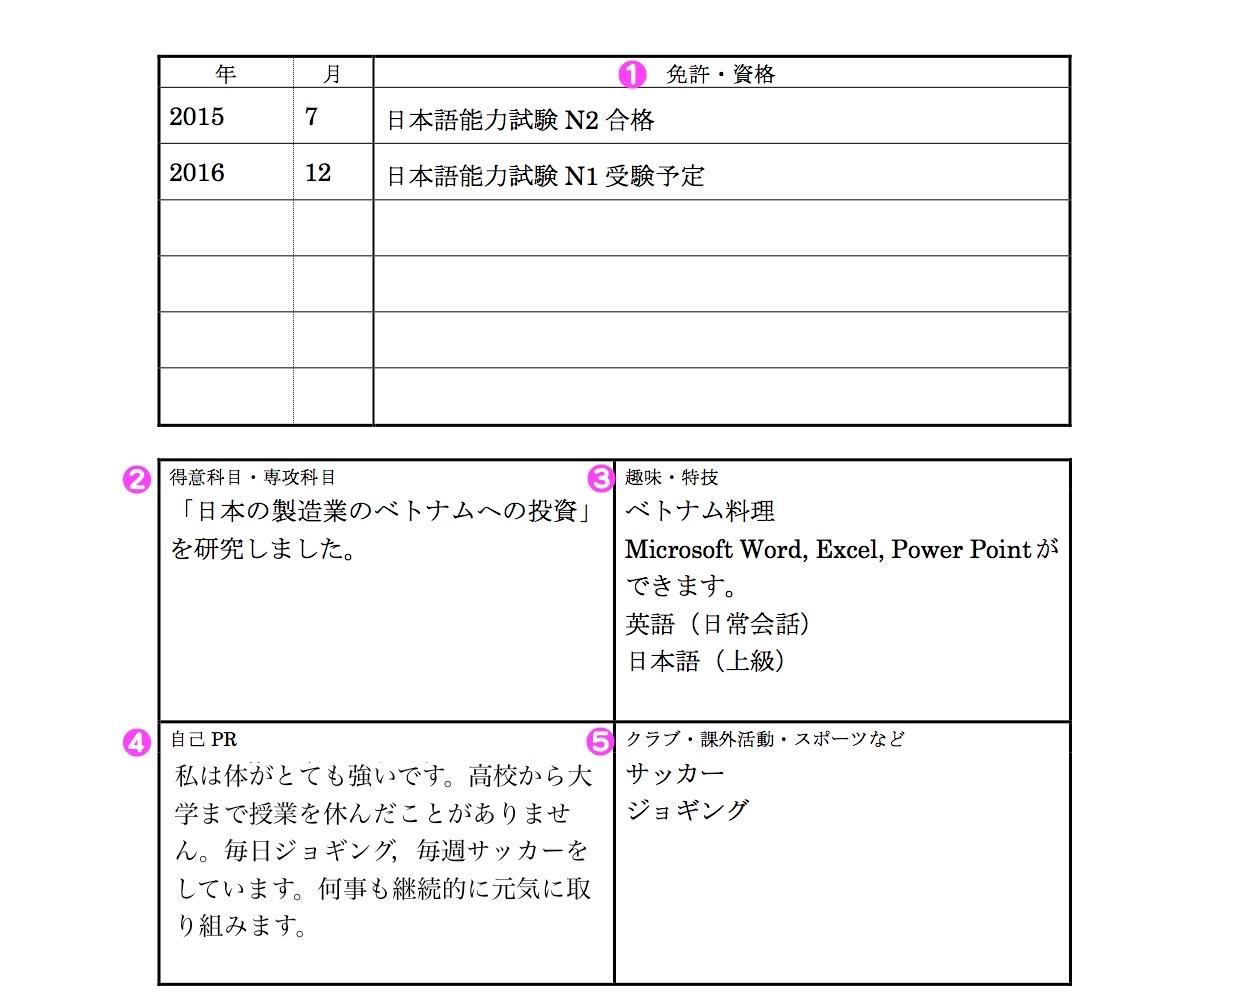 viết sơ yếu lí lịch bằng tiếng Nhật